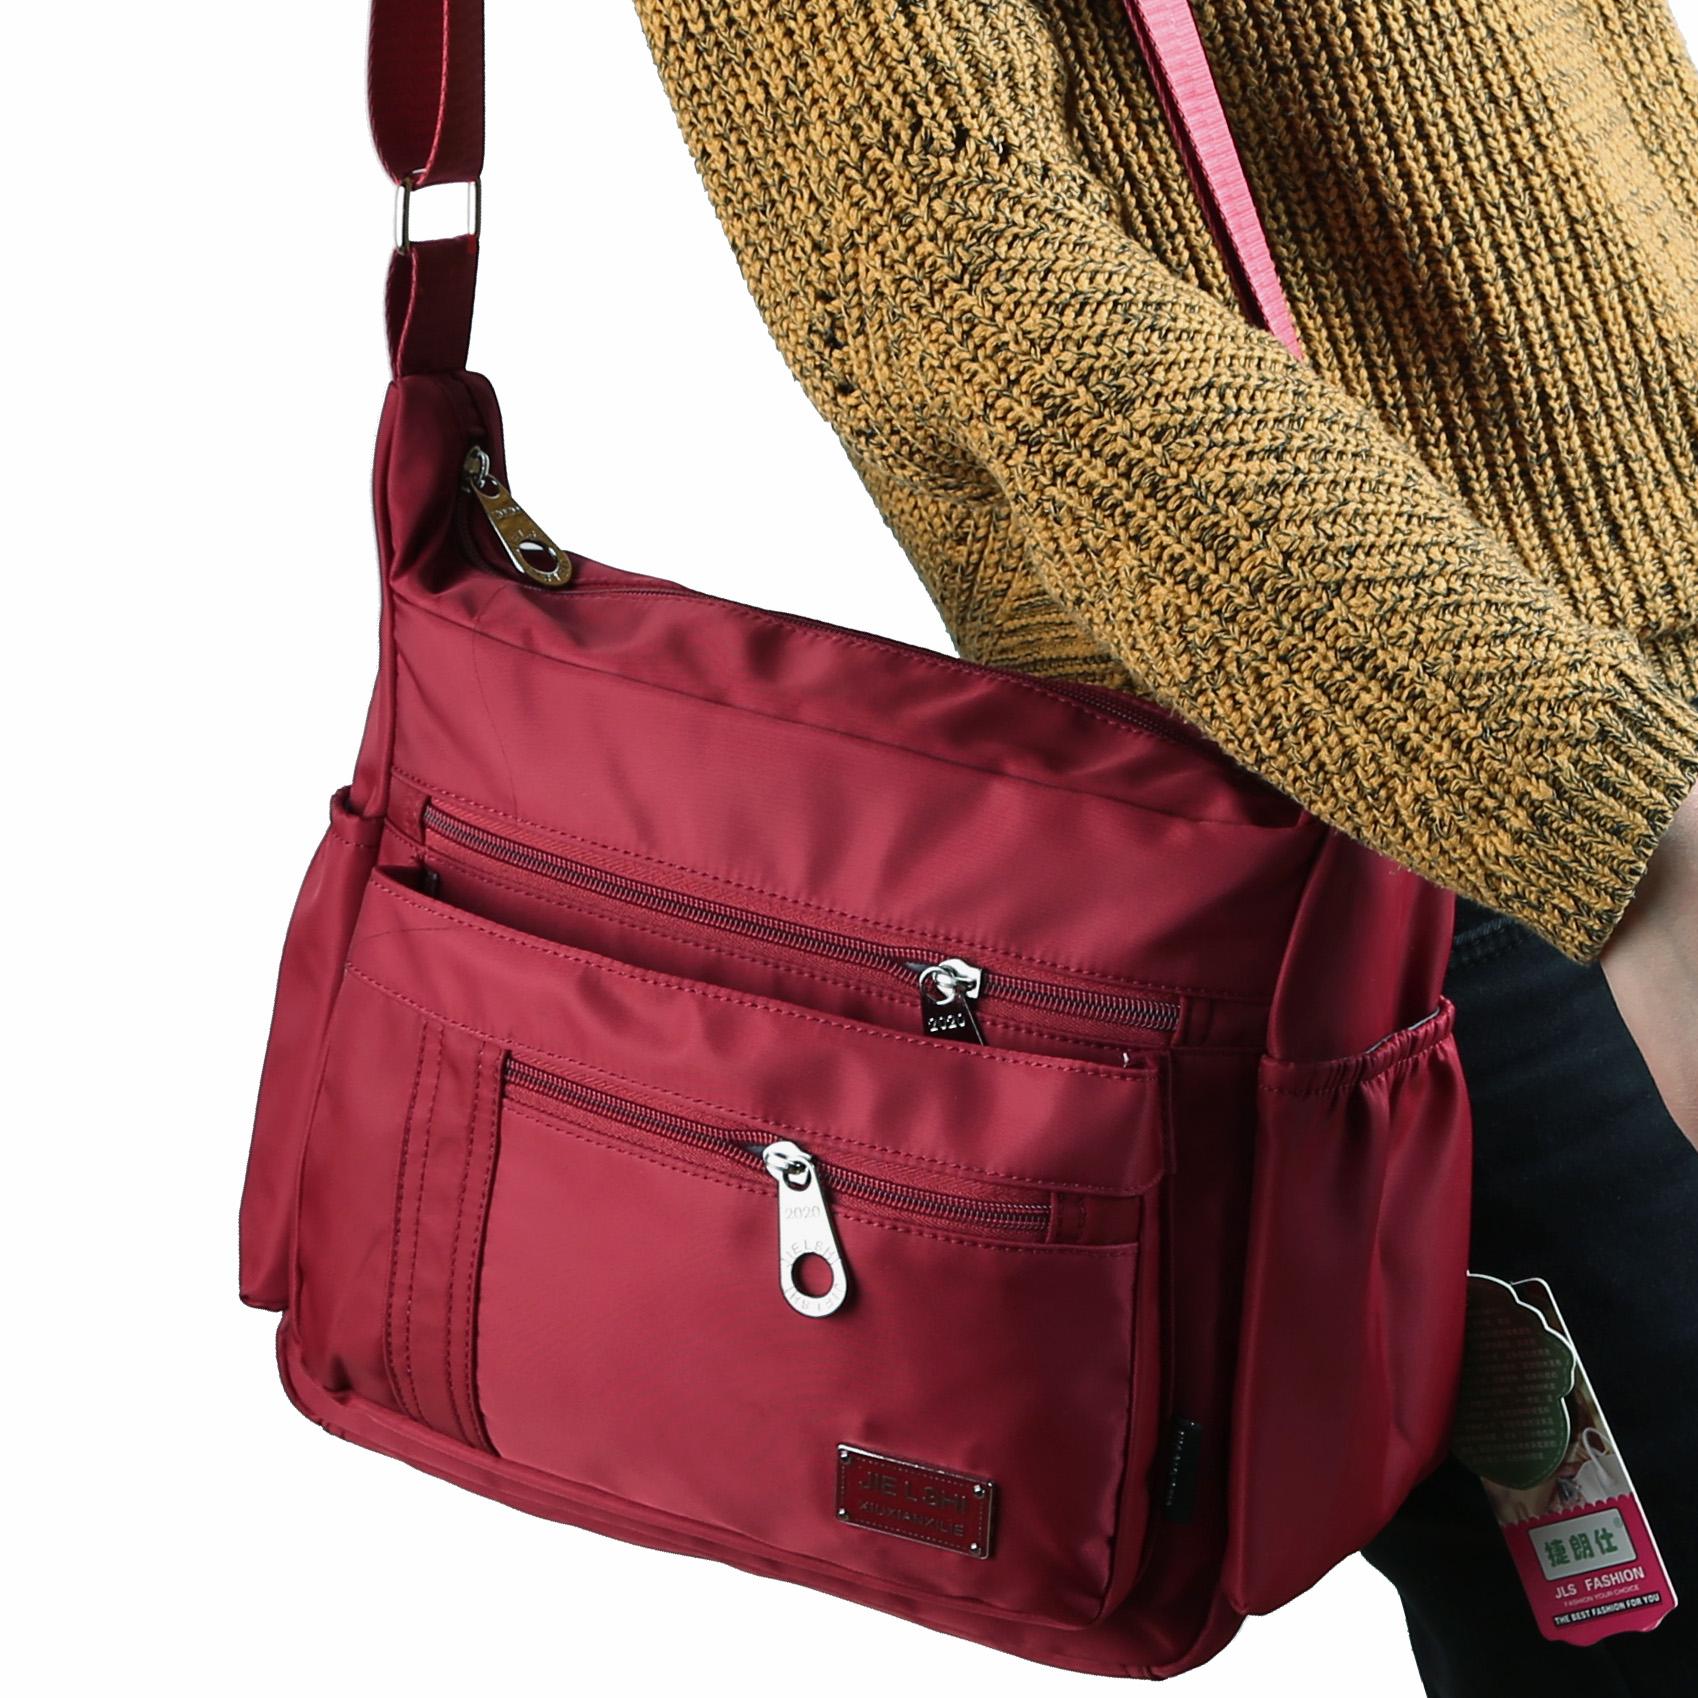 光面尼龙布女包轻便旅游大容量斜跨女包妈妈布包休闲户外防水大包